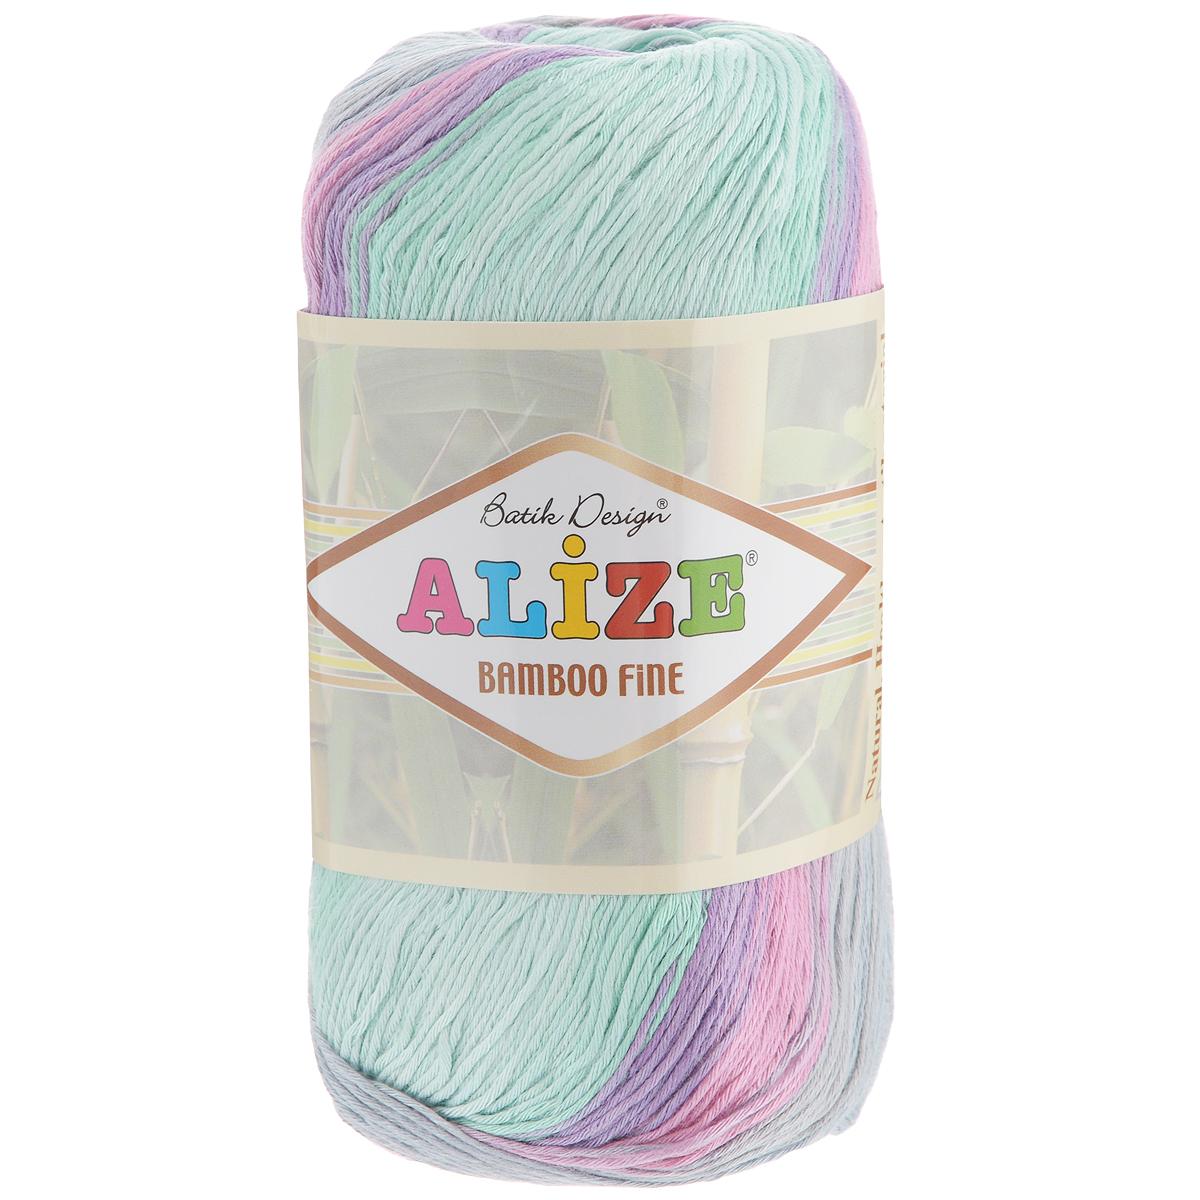 Пряжа для вязания Alize Bamboo Fine, цвет: светло-серый, розовый, зеленый (3256), 440 м, 100 г, 5 шт пряжа для вязания alize bamboo fine цвет зеленый синий фиолетовый 3260 440 м 100 г 5 шт